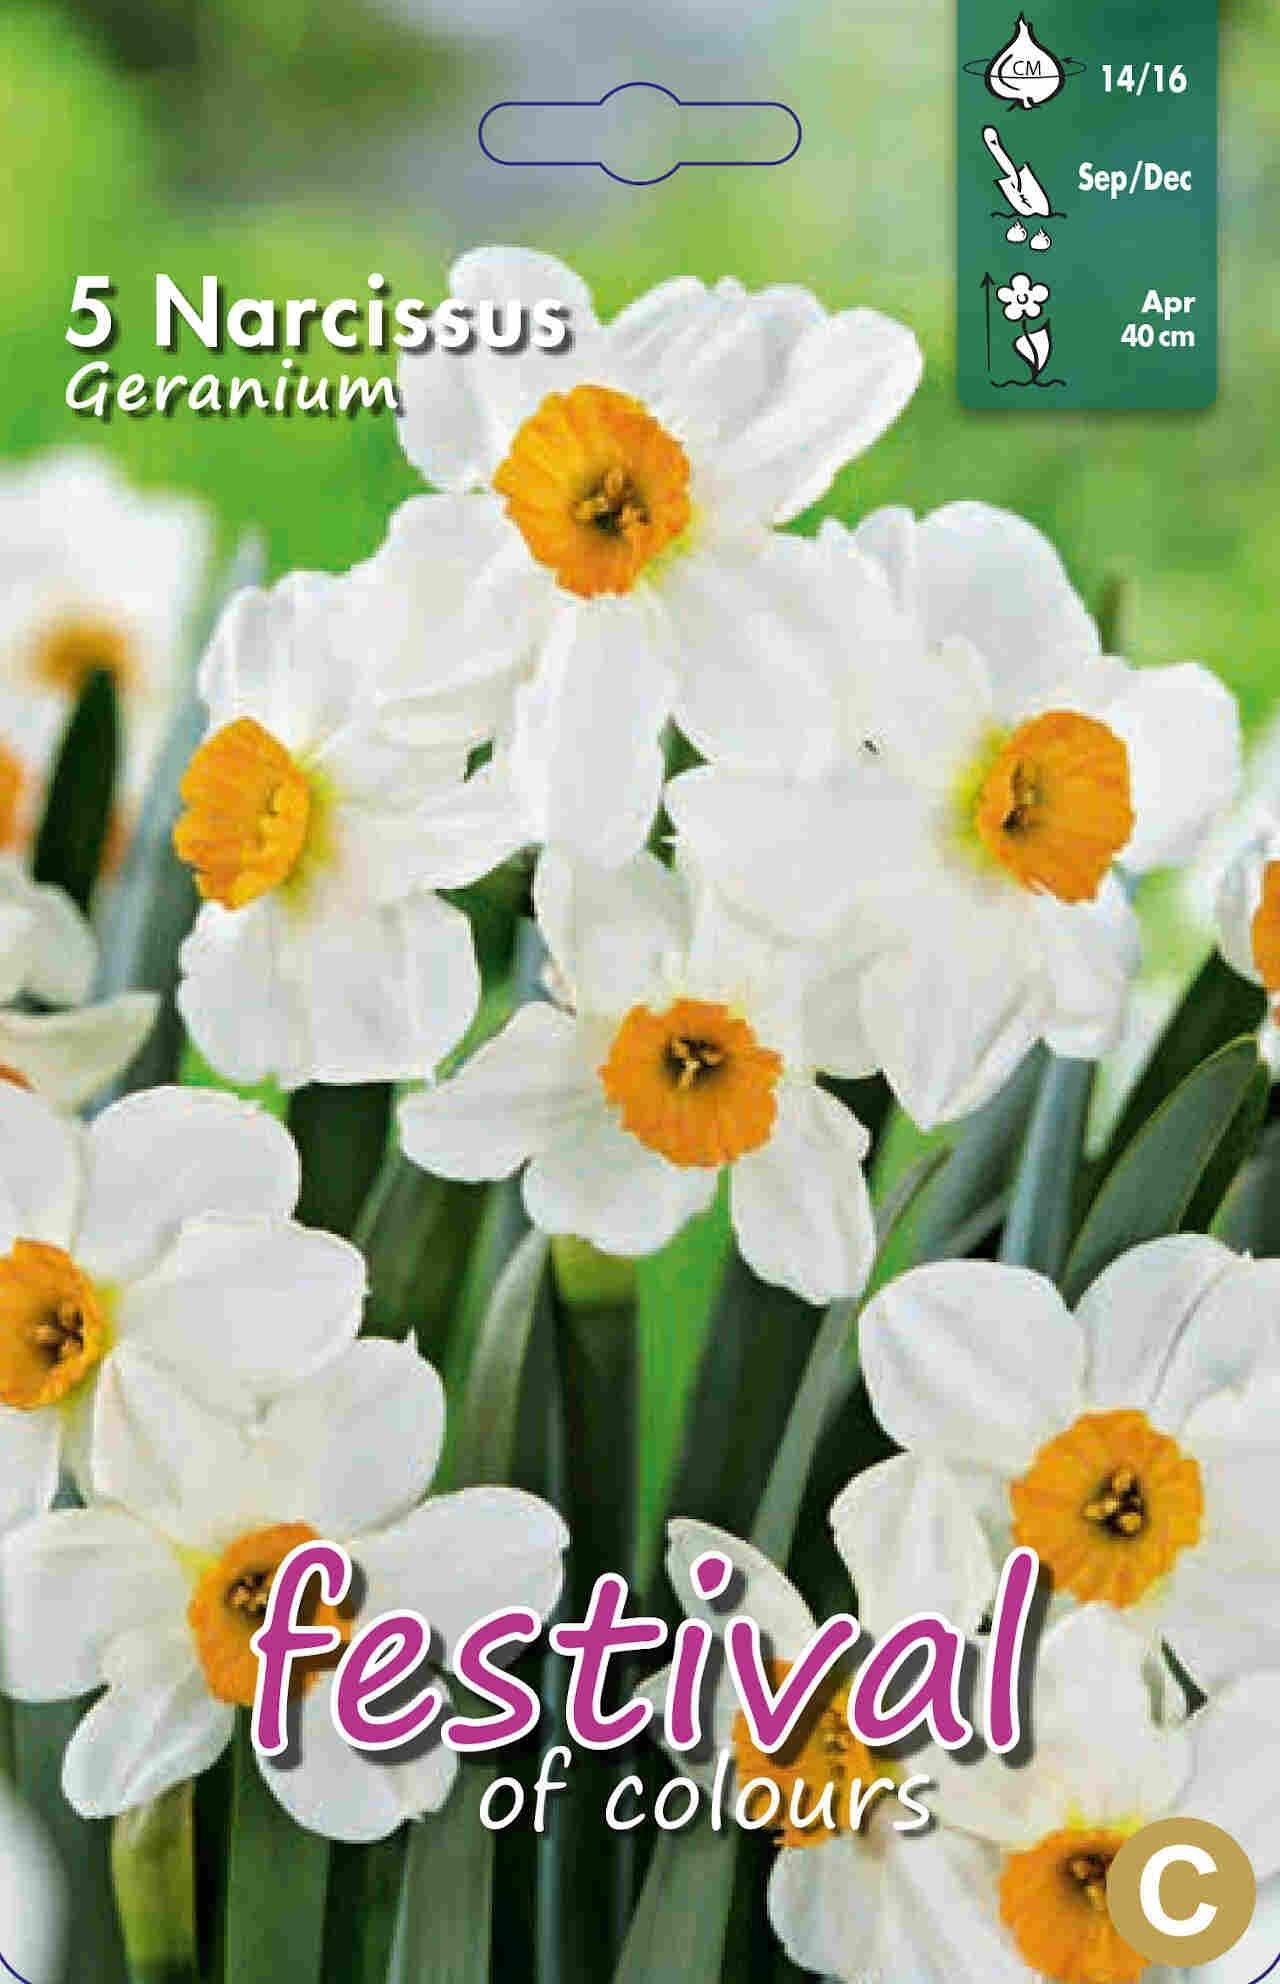 Påskeliljeløg - Narcissus Geranium 14/16